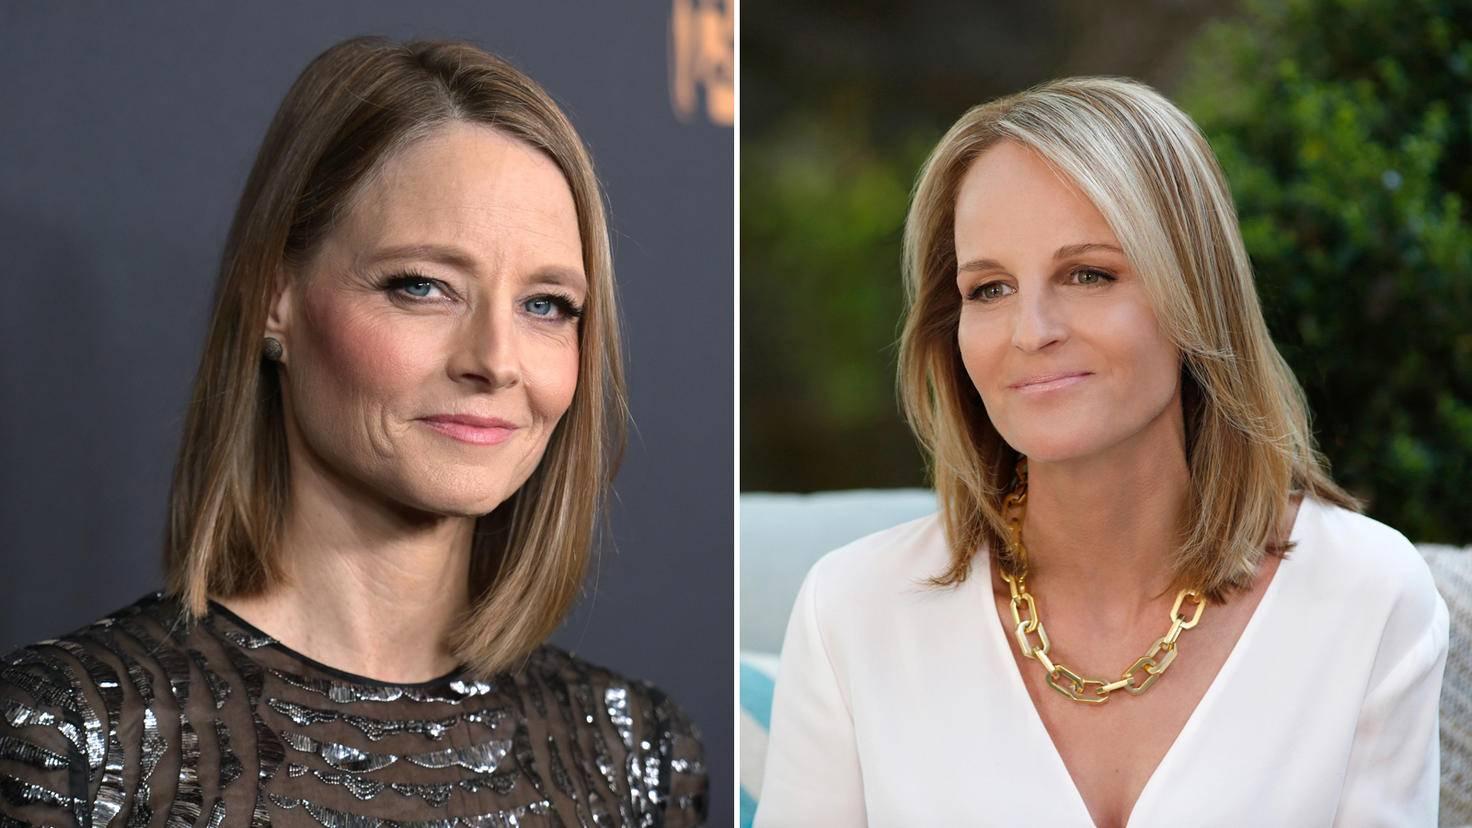 Zwillingsschwestern, ohne es zu wissen? Jodie Foster (l.) und Helen Hunt (r.).